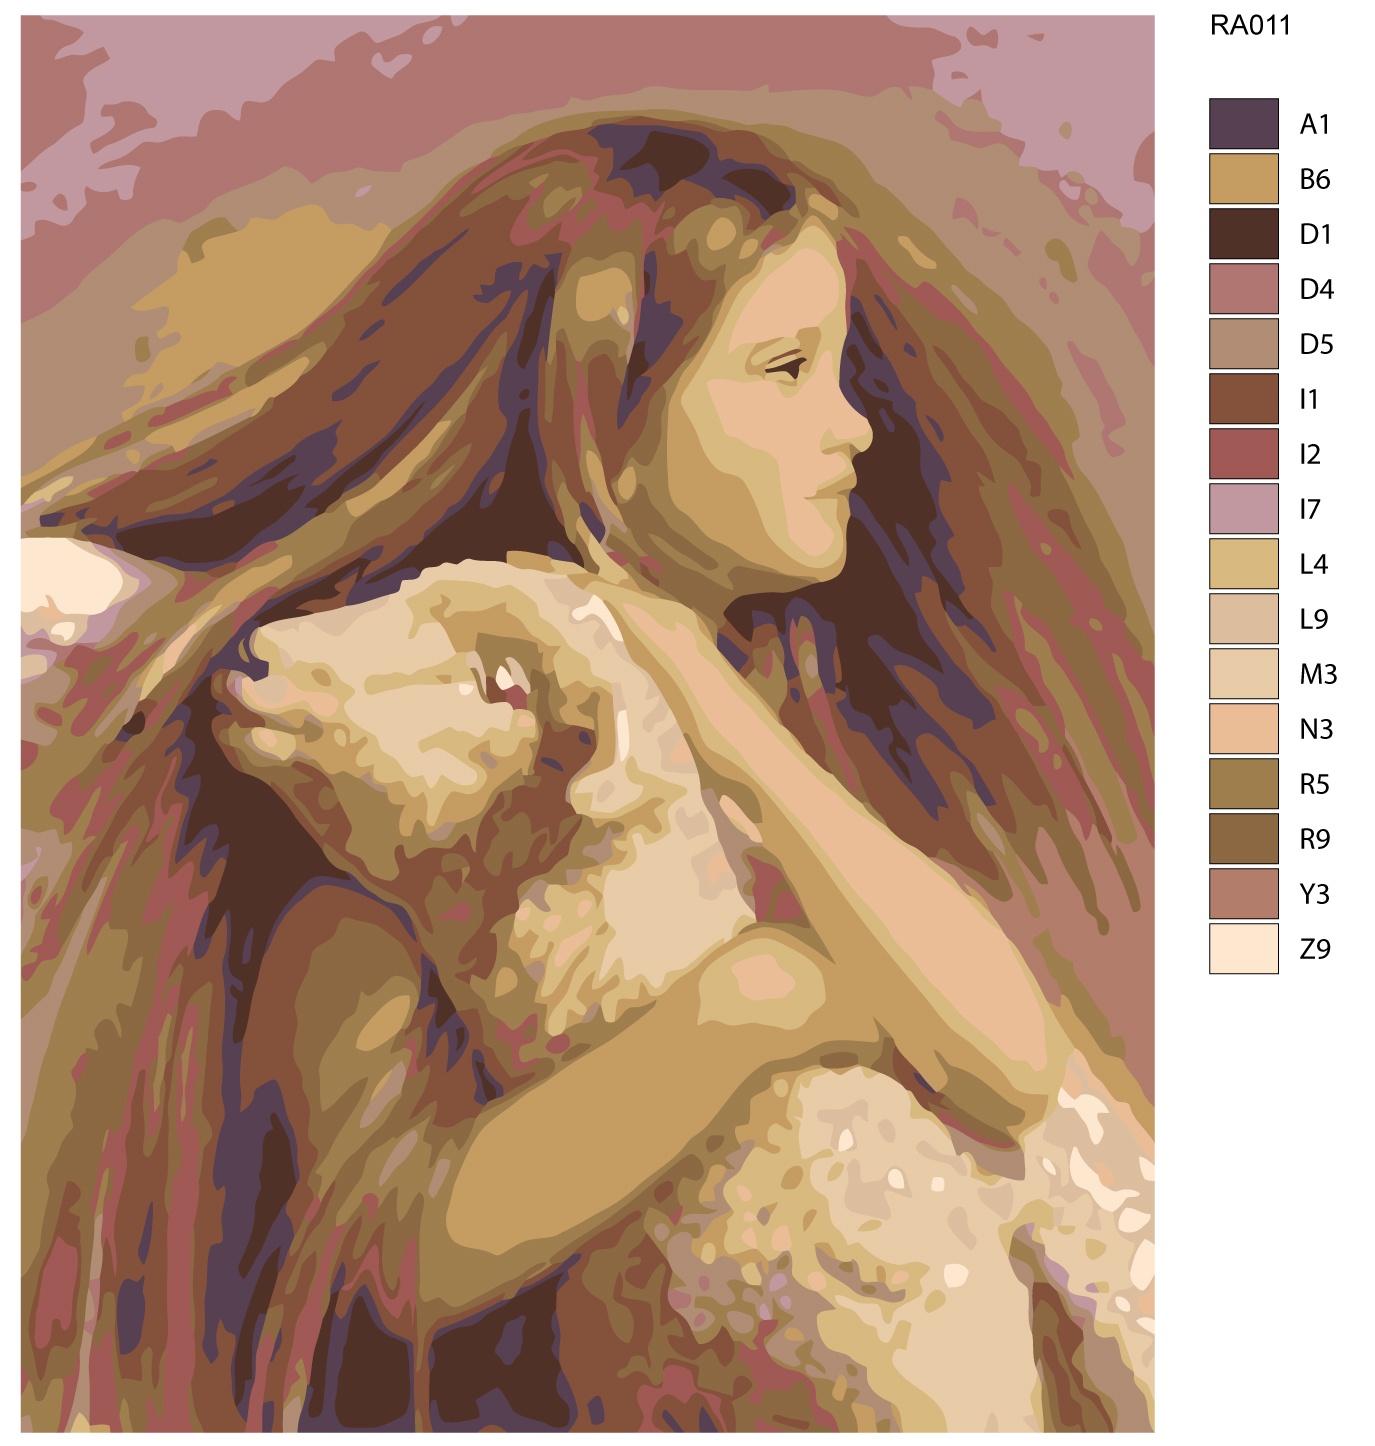 Картина по номерам, 80 x 100 см, RA011